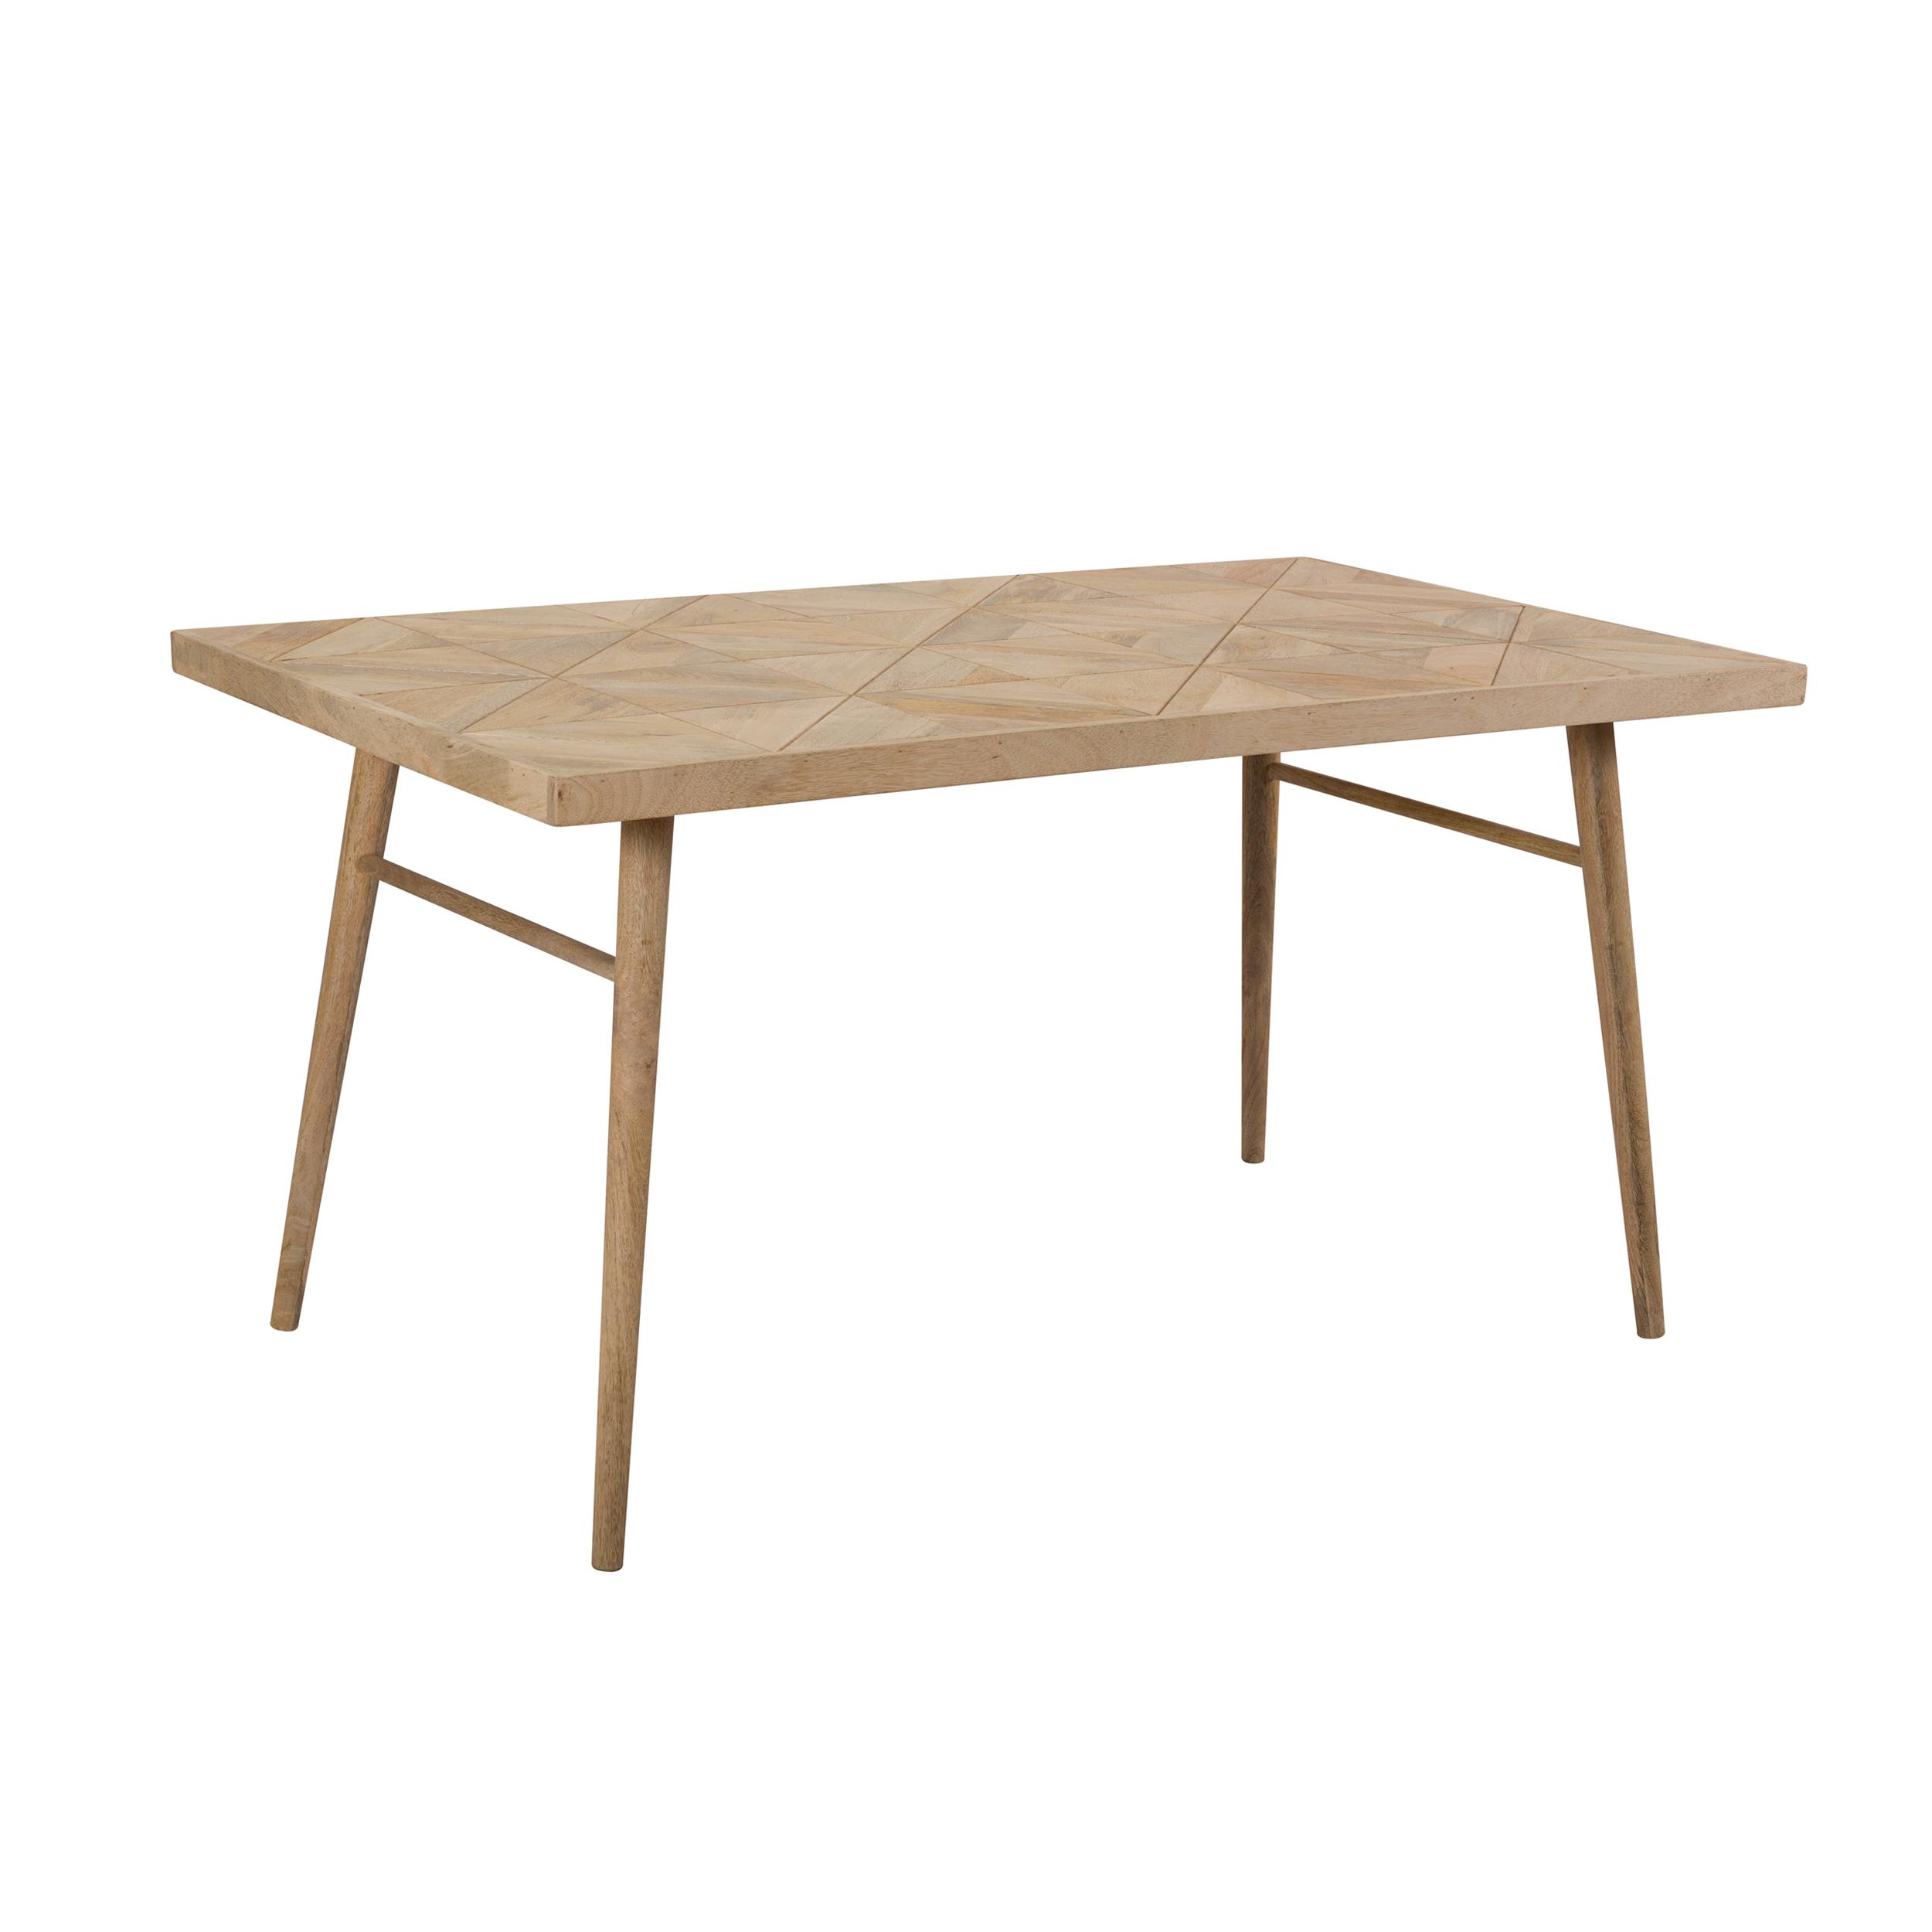 Table rectangulaire 150 cm en bois